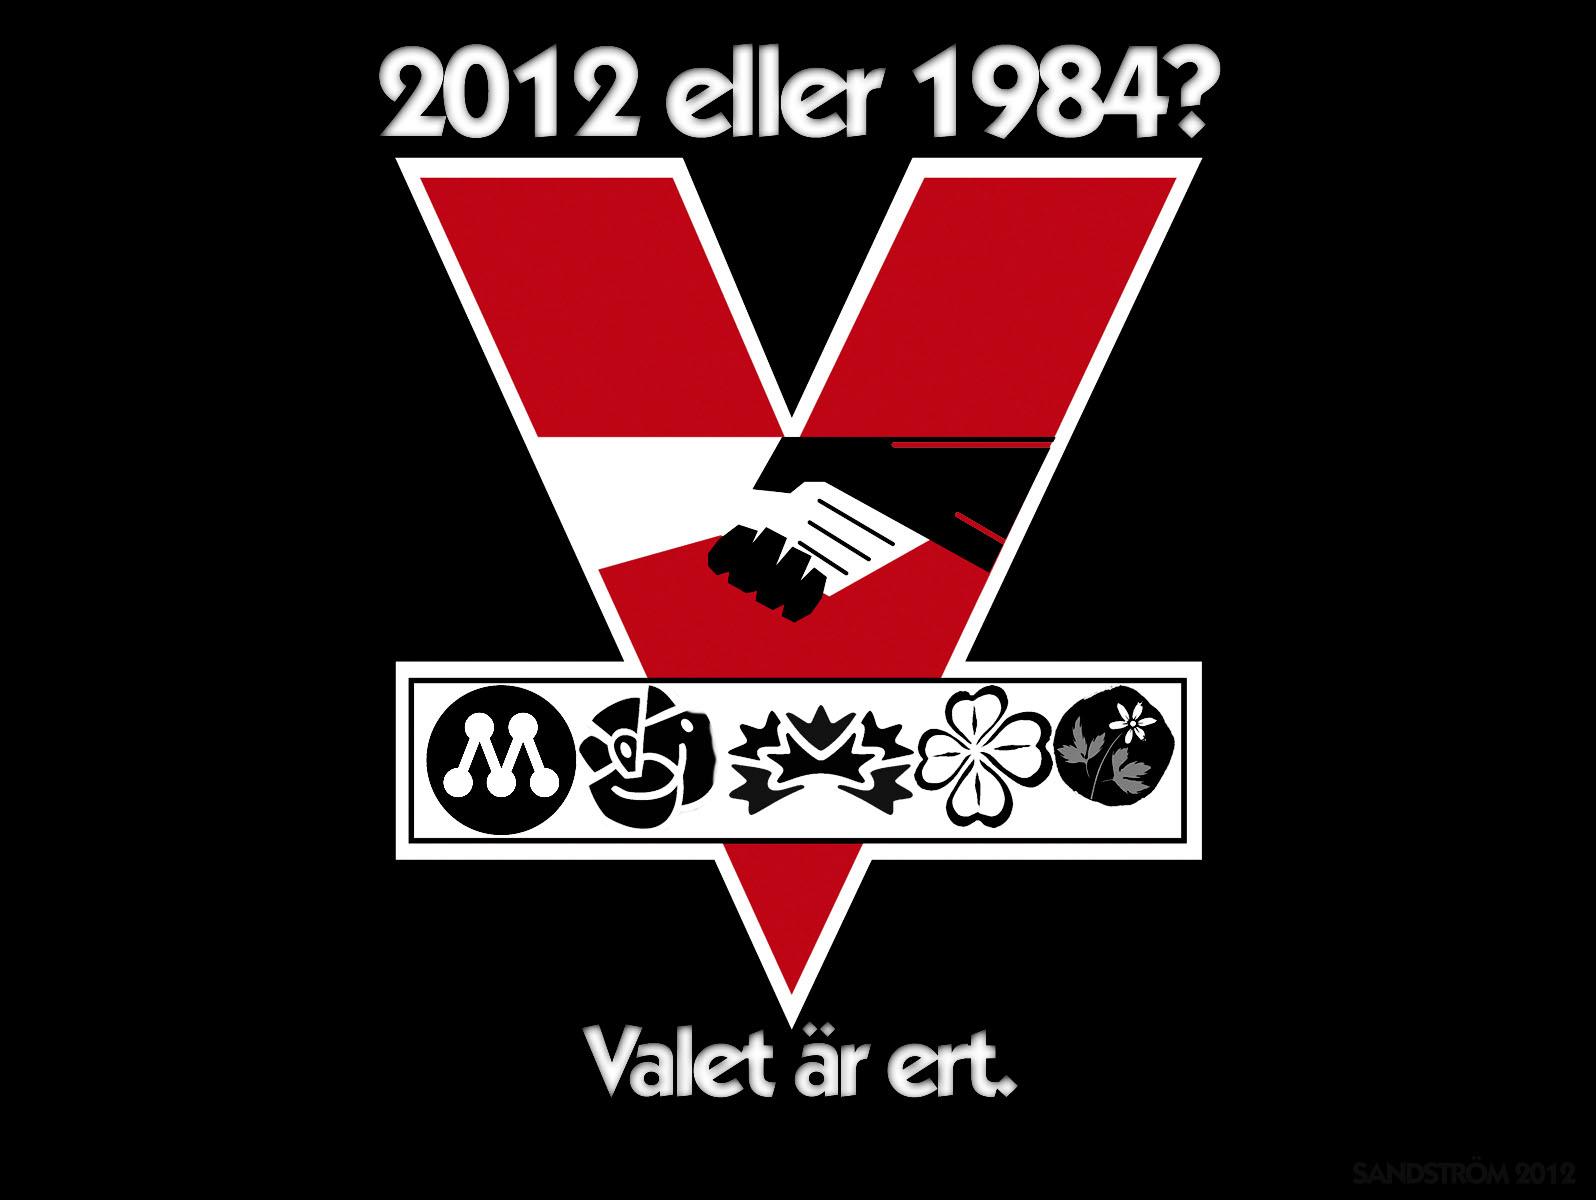 1984 eller 2012